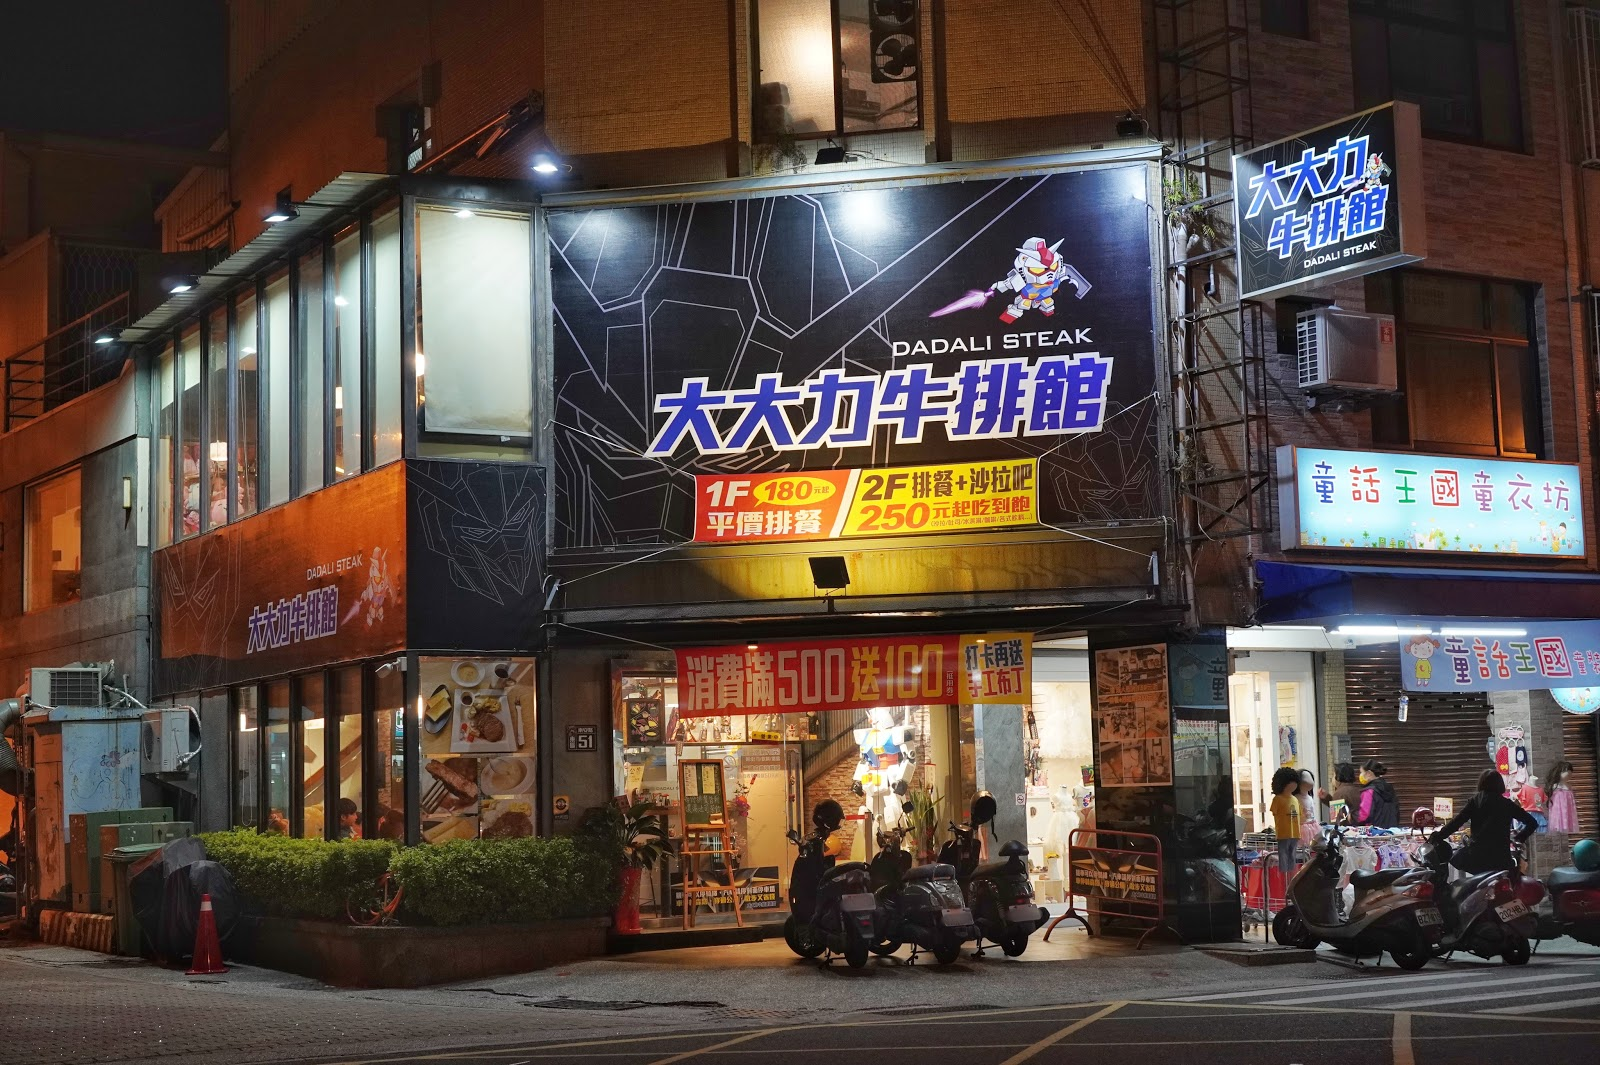 台南東區美食【大大力牛排館】店家外觀